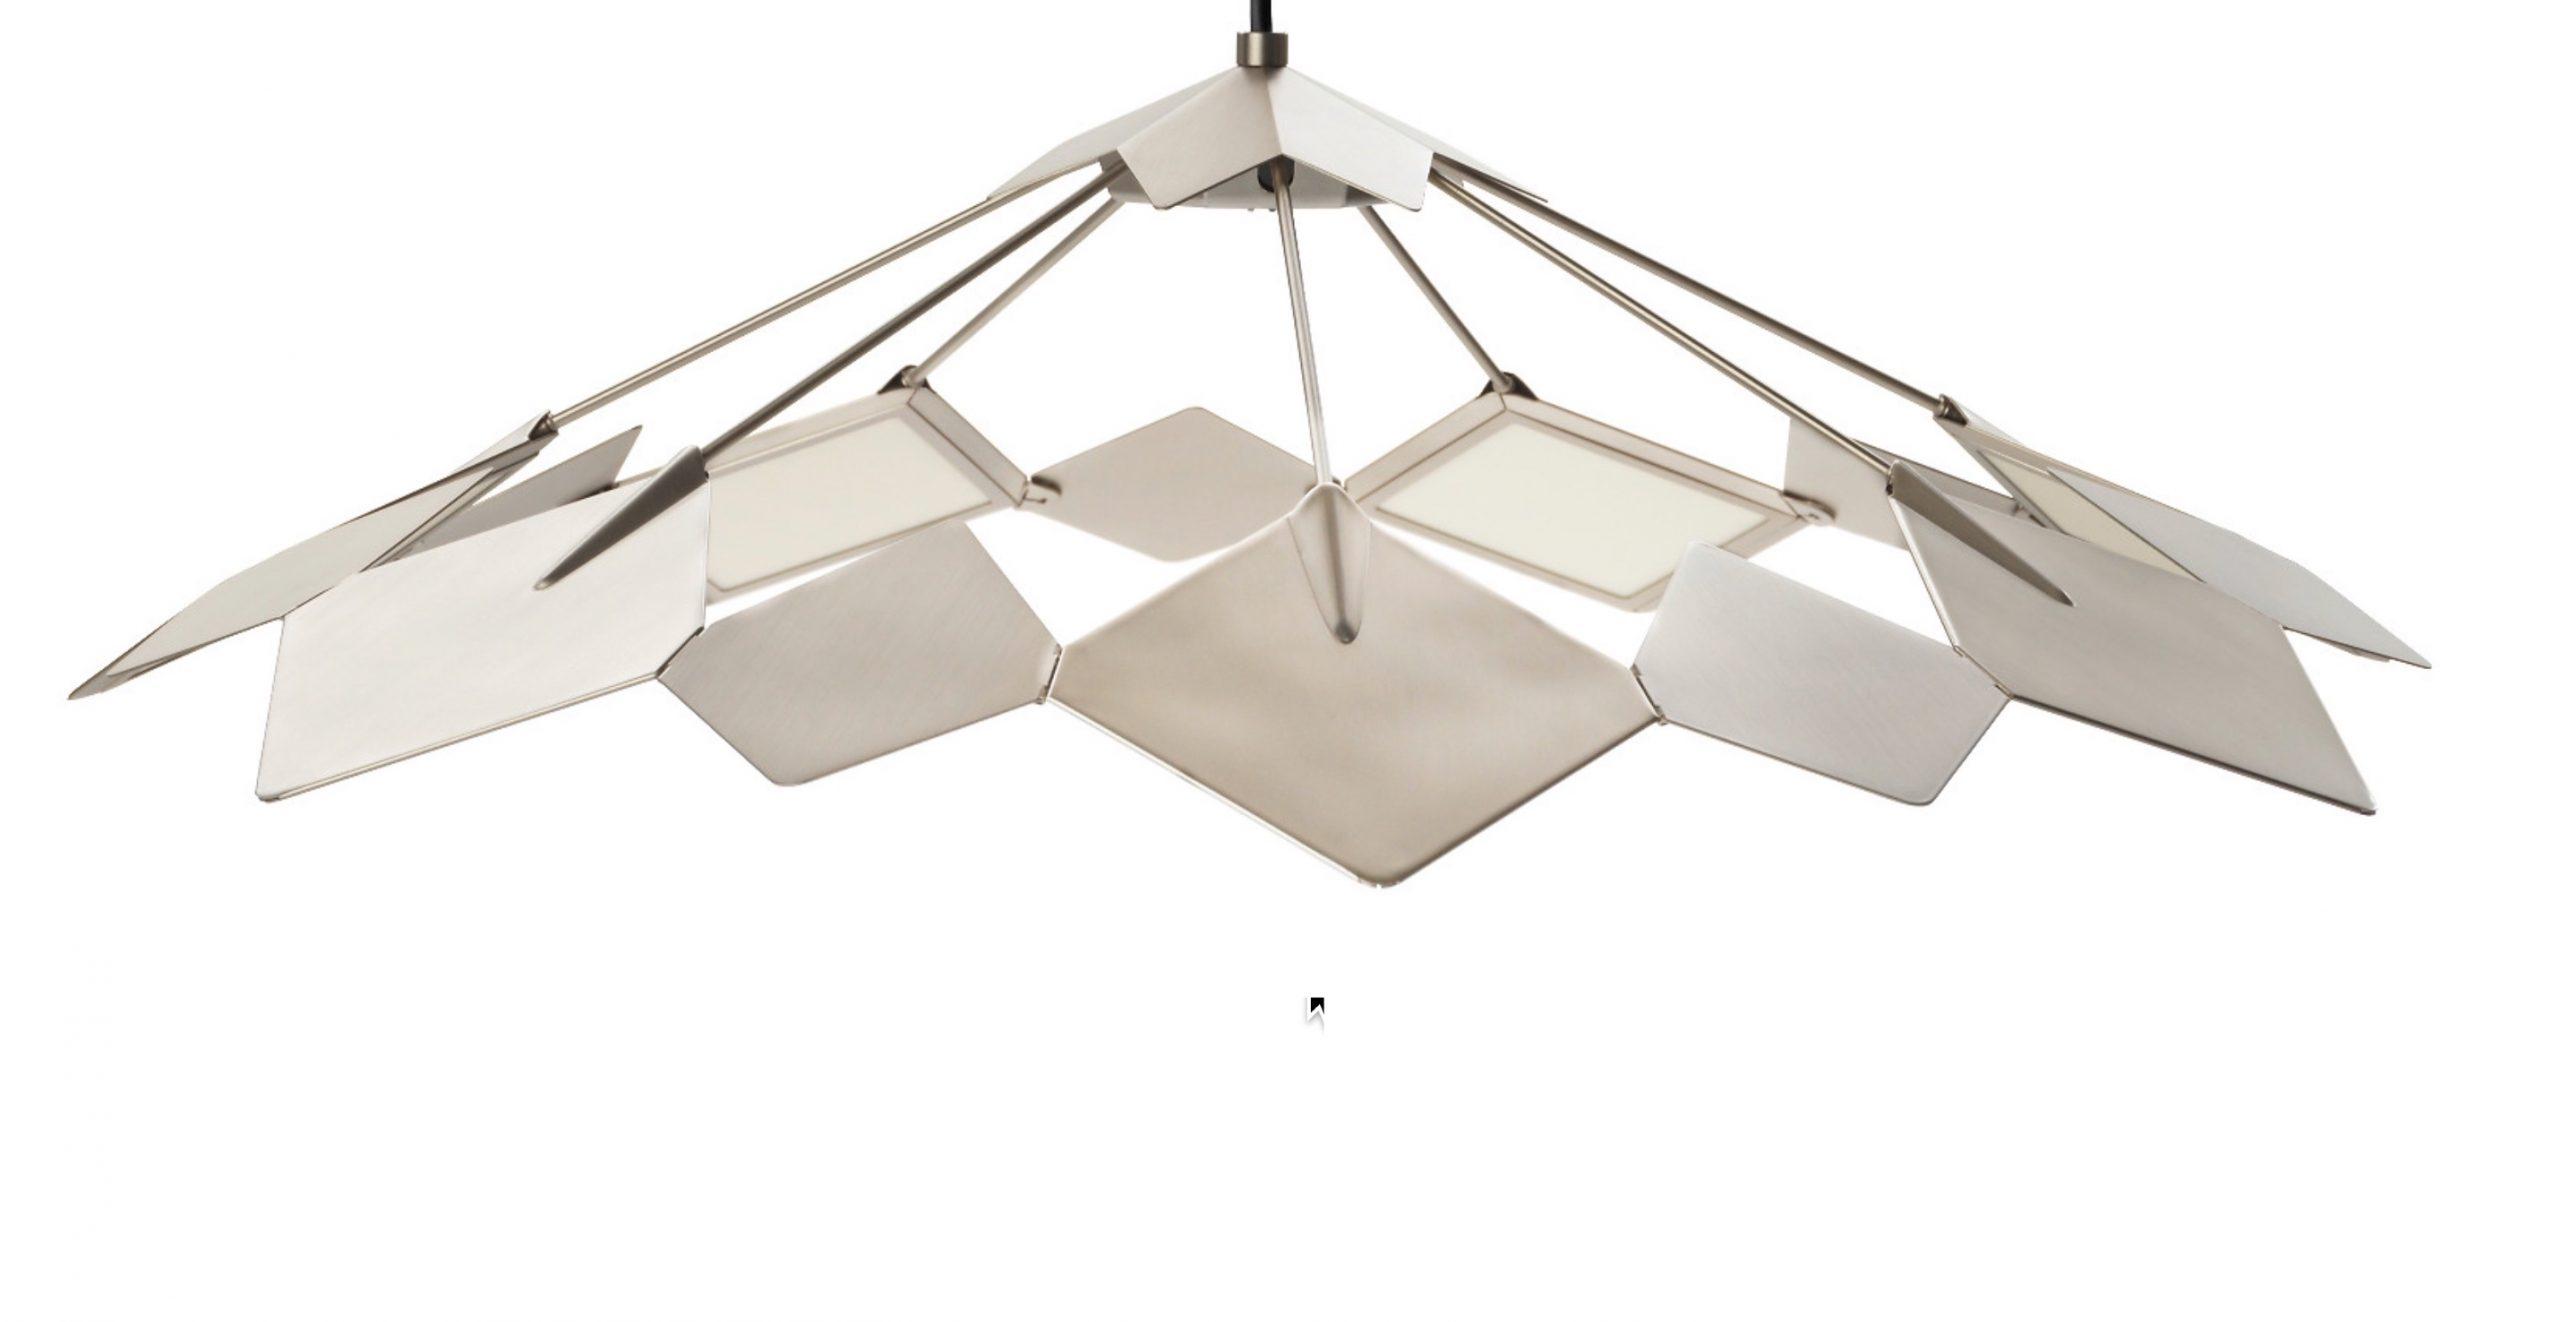 Full Size of Deckenlampen Wohnzimmer Modern Schlafzimmer Deckenlampe Modulküche Ikea Sofa Mit Schlaffunktion Küche Bad Betten Bei Kosten Miniküche Kaufen Esstisch Wohnzimmer Deckenlampe Ikea